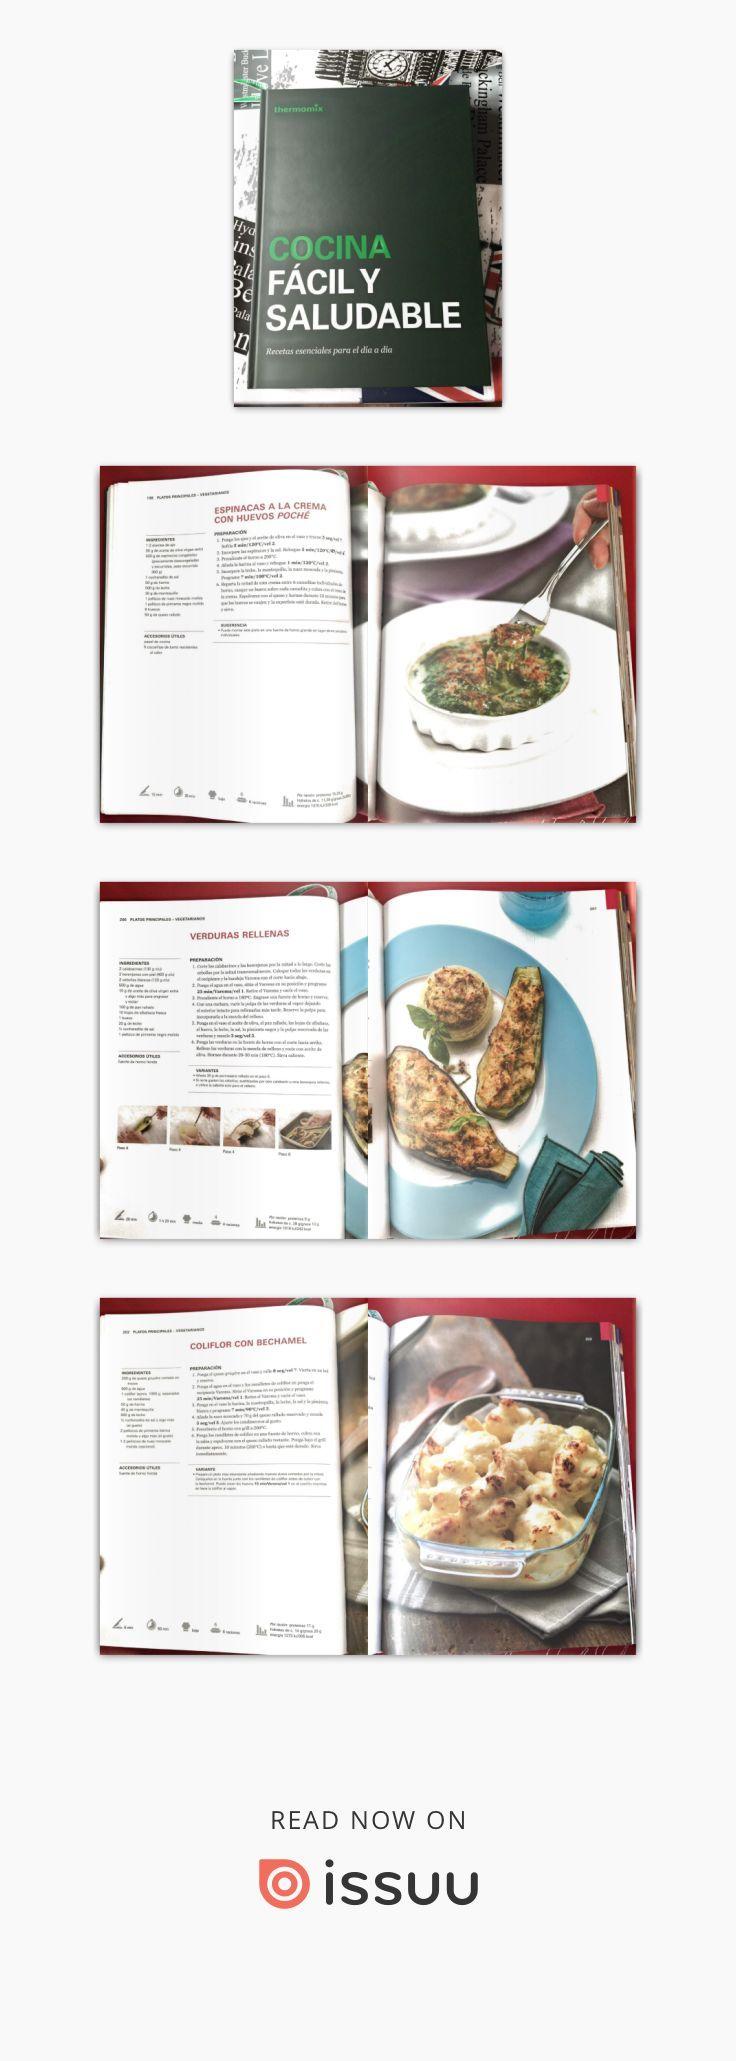 Cocina fácil y saludable (thermomix digital) | Cocina